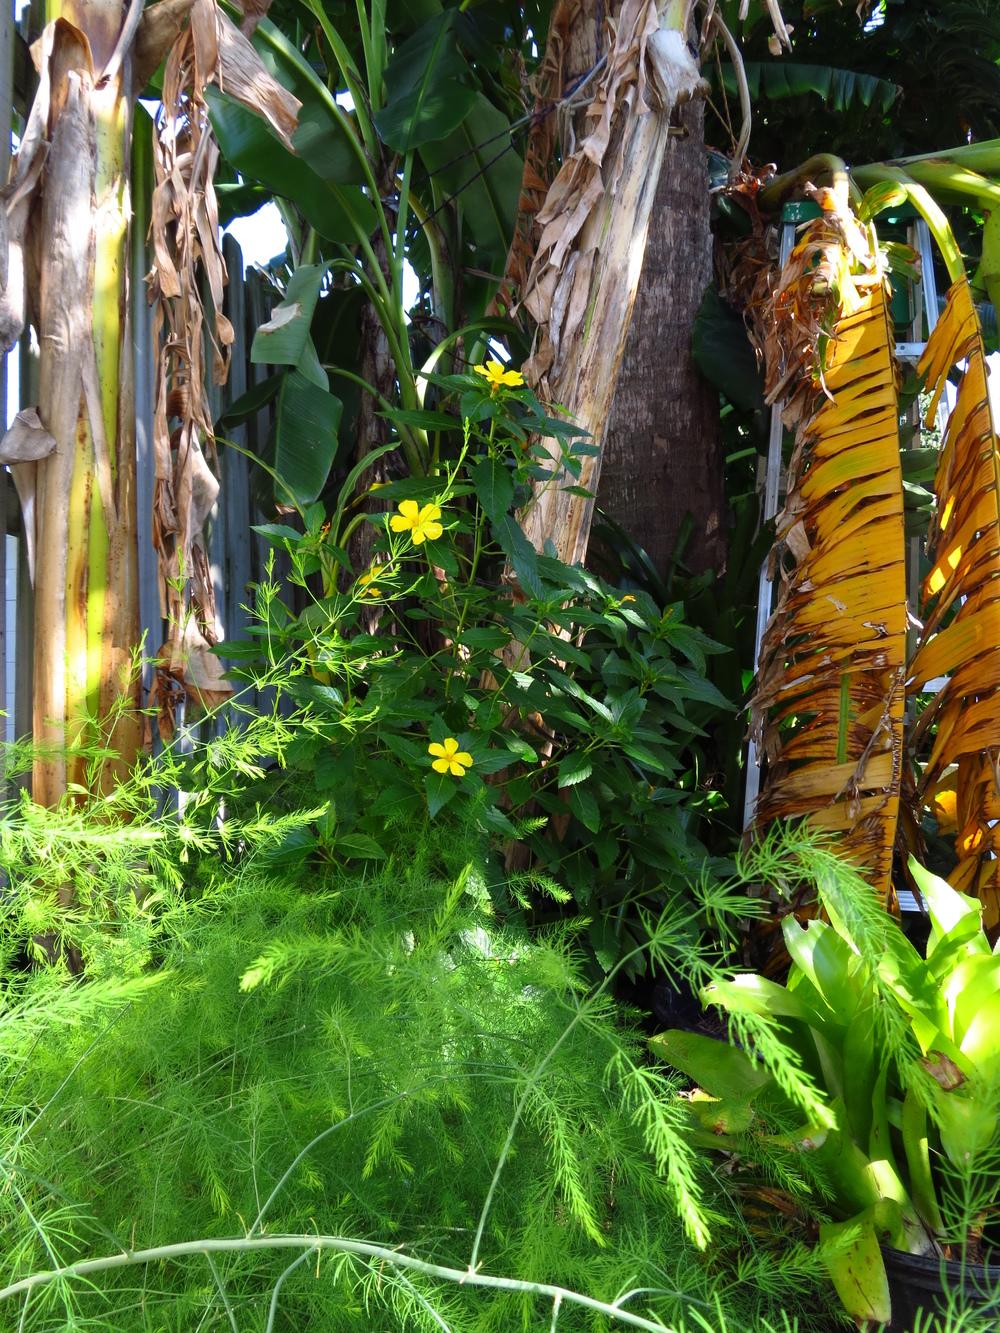 Asparagus under the banana trees